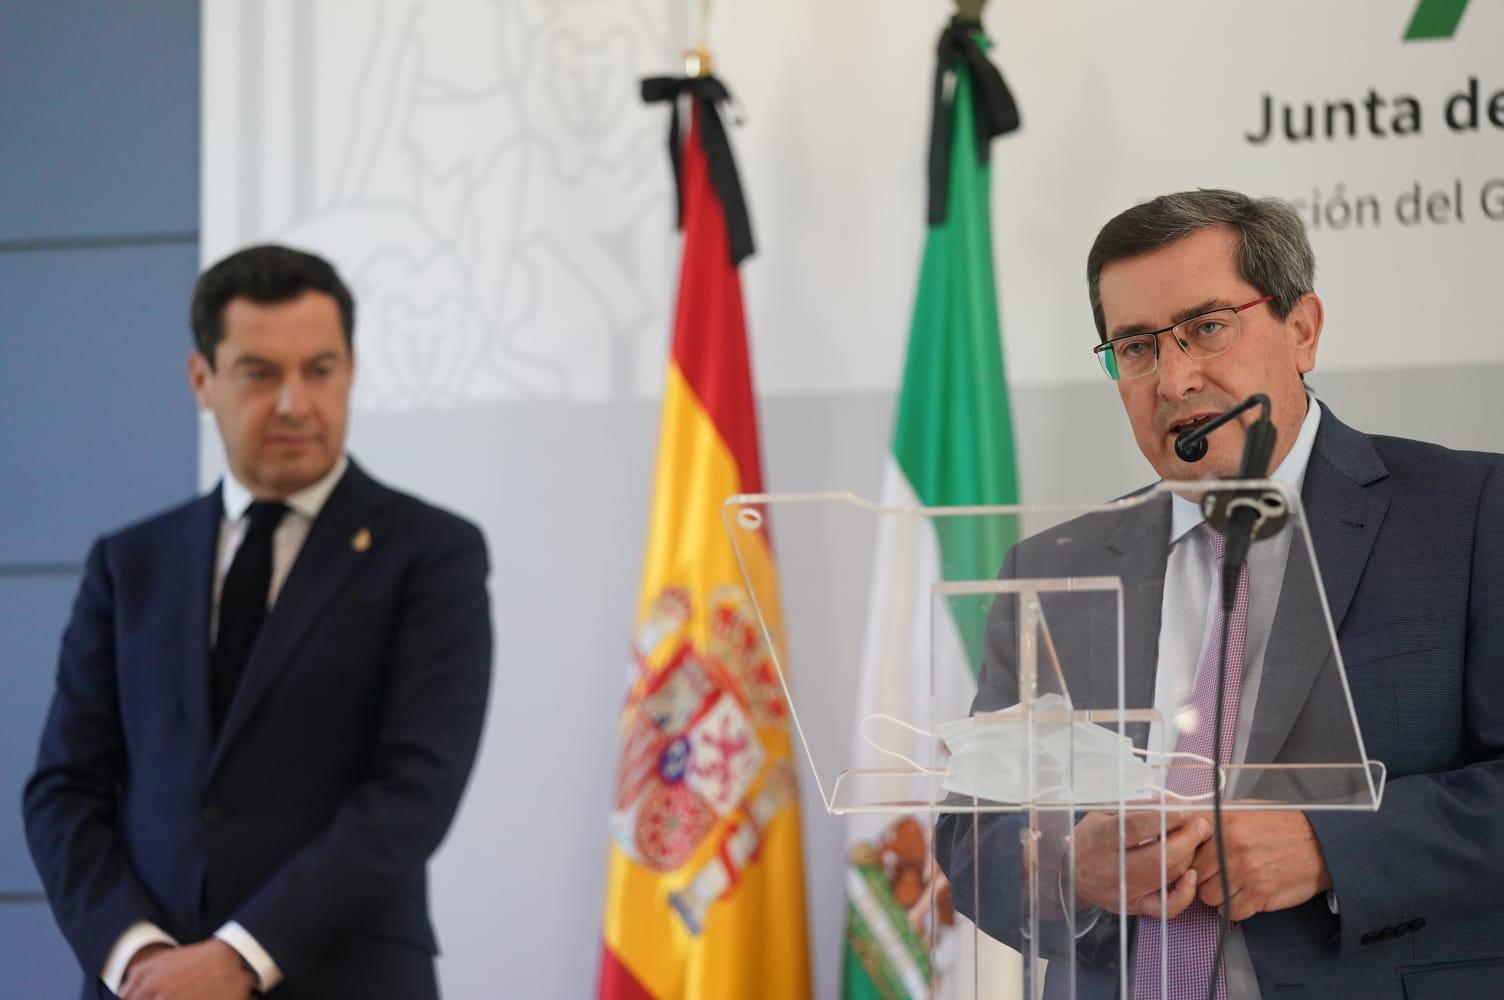 Entrena pide al presidente de la Junta un plan de empleo para amortiguar los efectos de la crisis sanitaria en la provincia